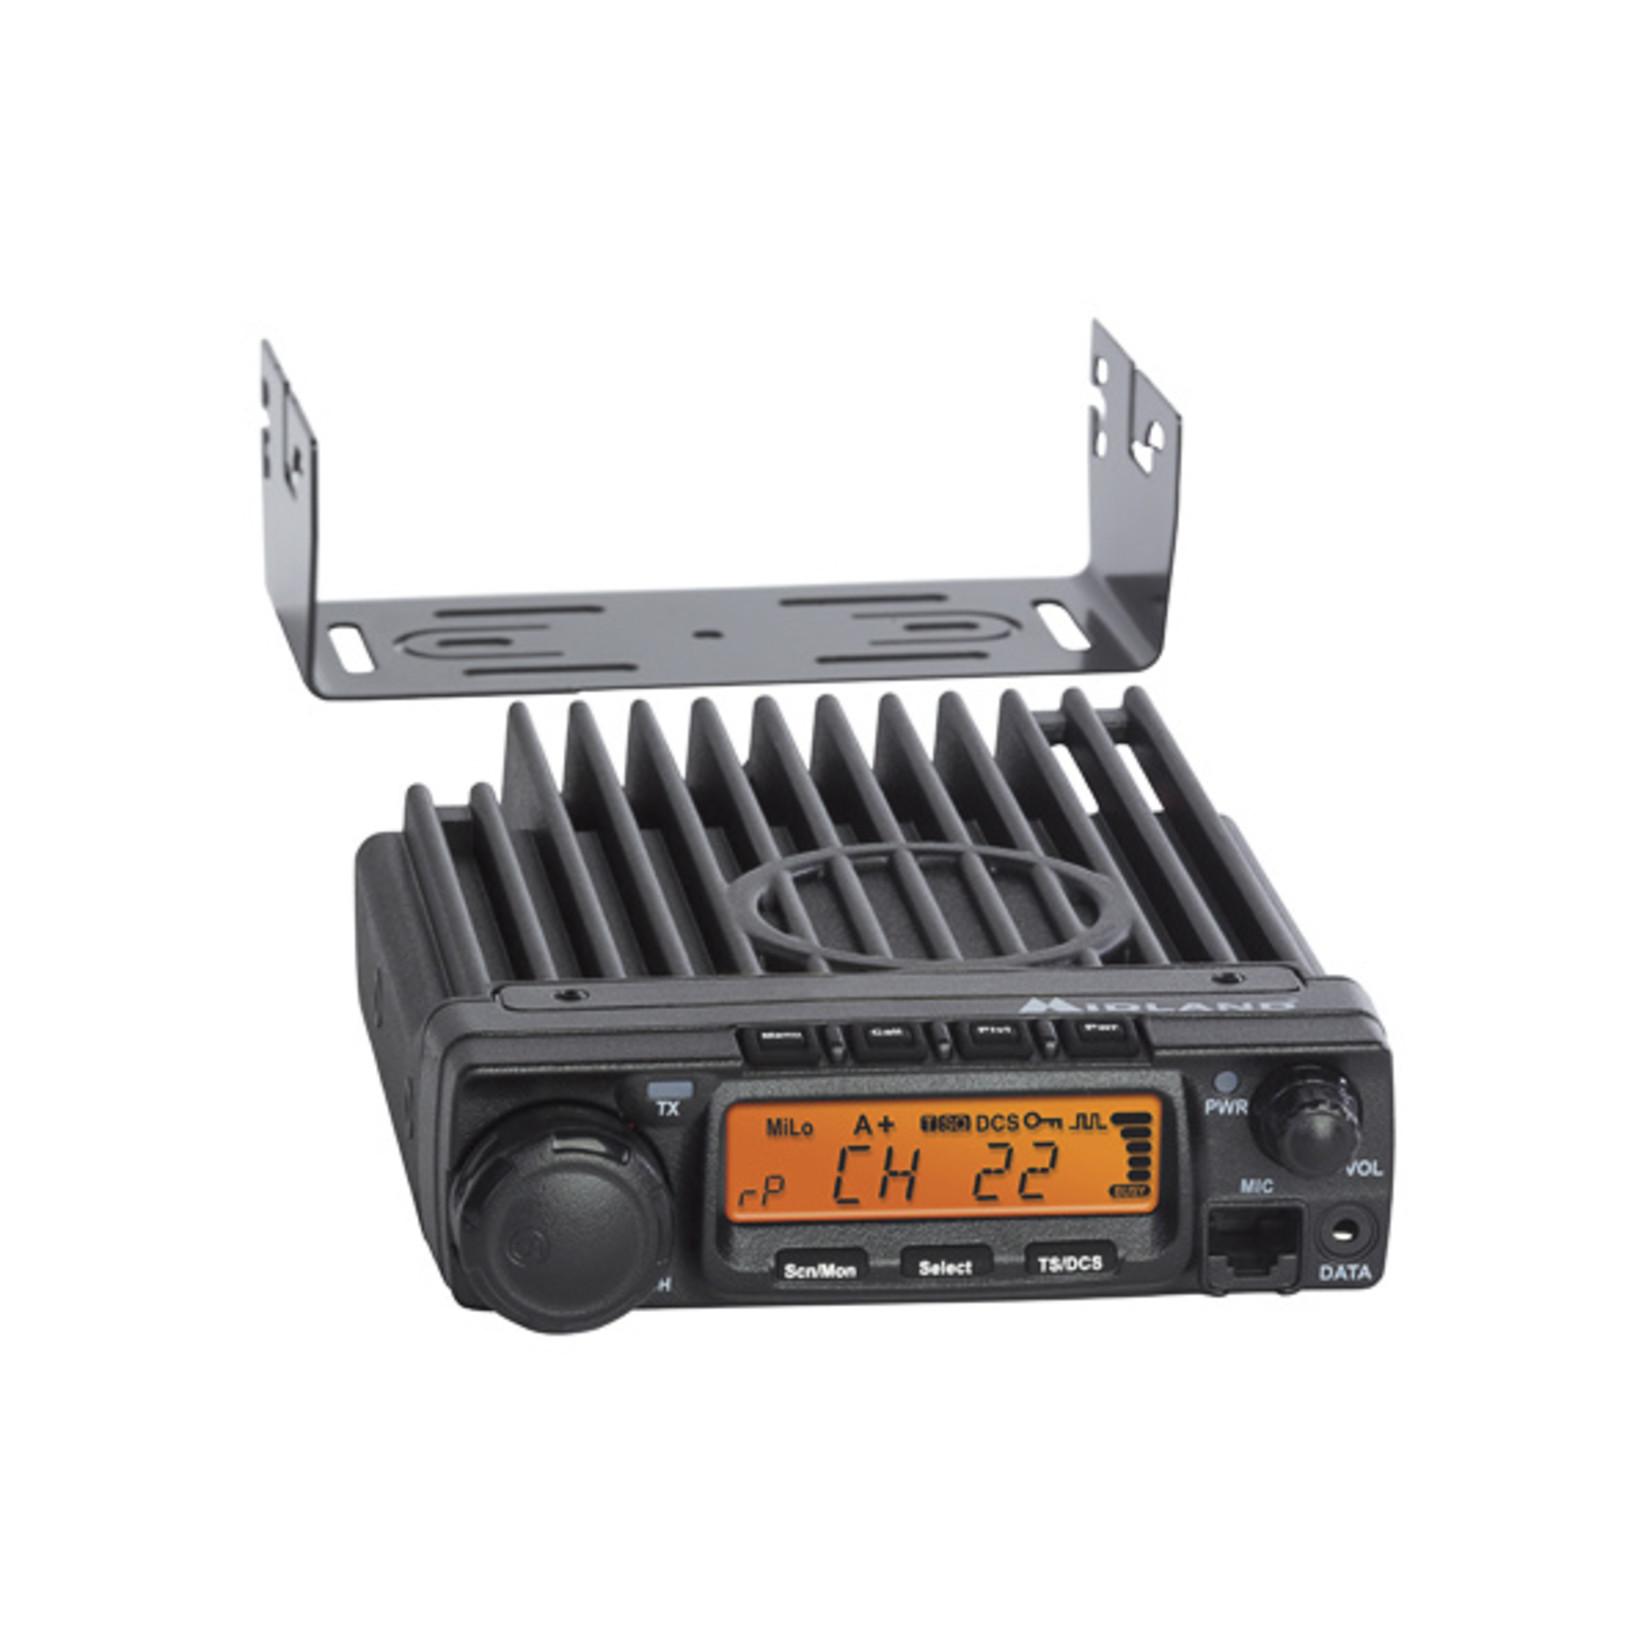 Midland Midland MicroMobile MXT400 Two Way Radio Bundle